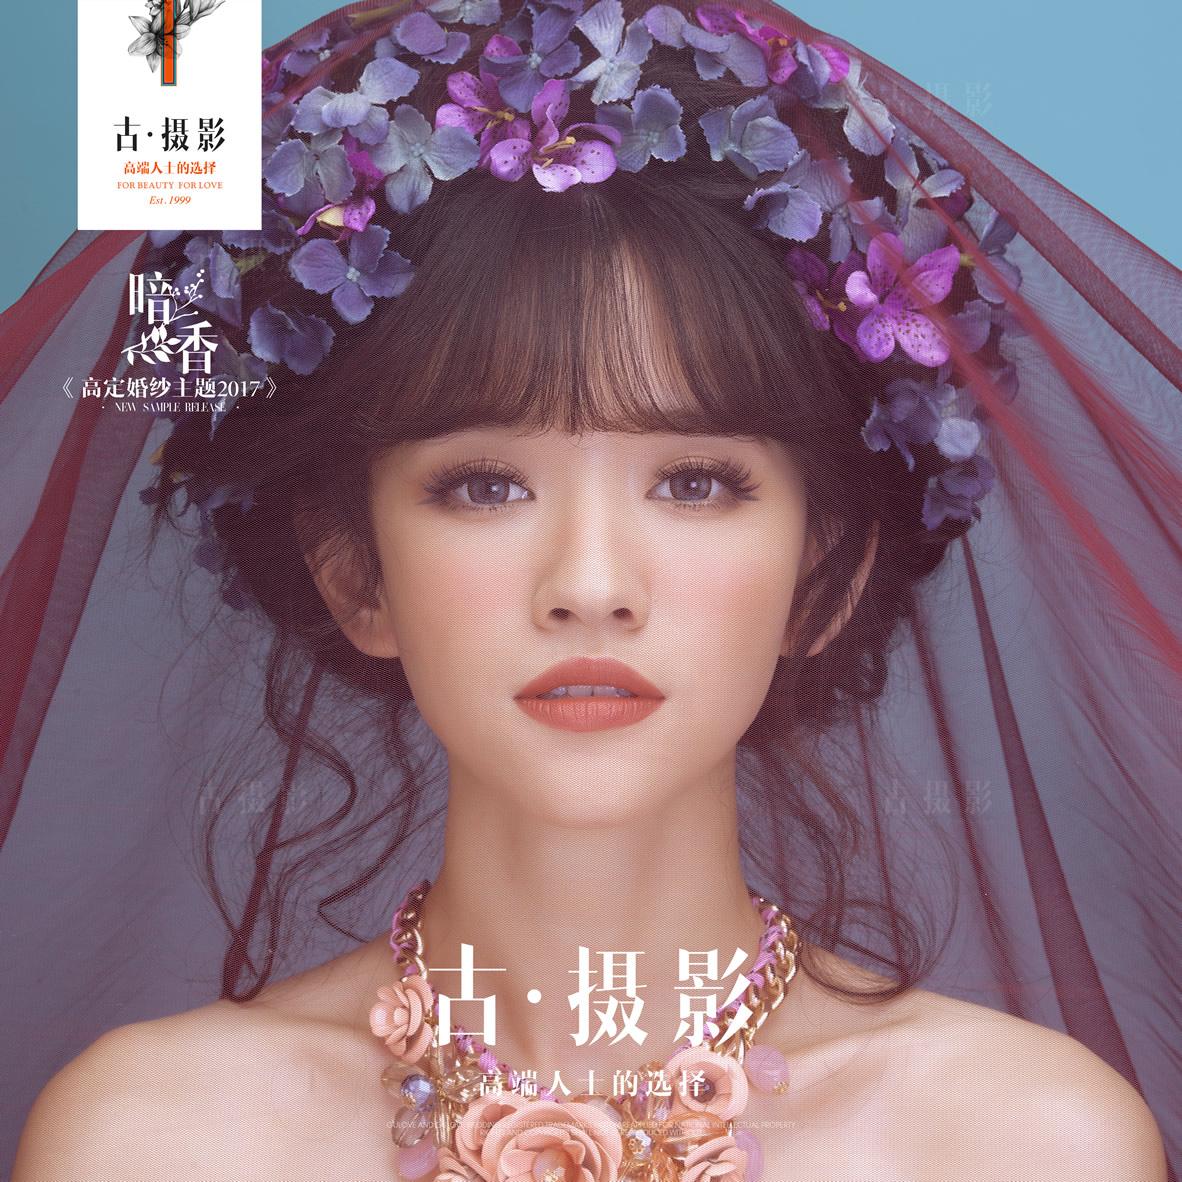 暗香 - 明星范 - 武汉古摄影-武汉婚纱摄影艺术摄影网